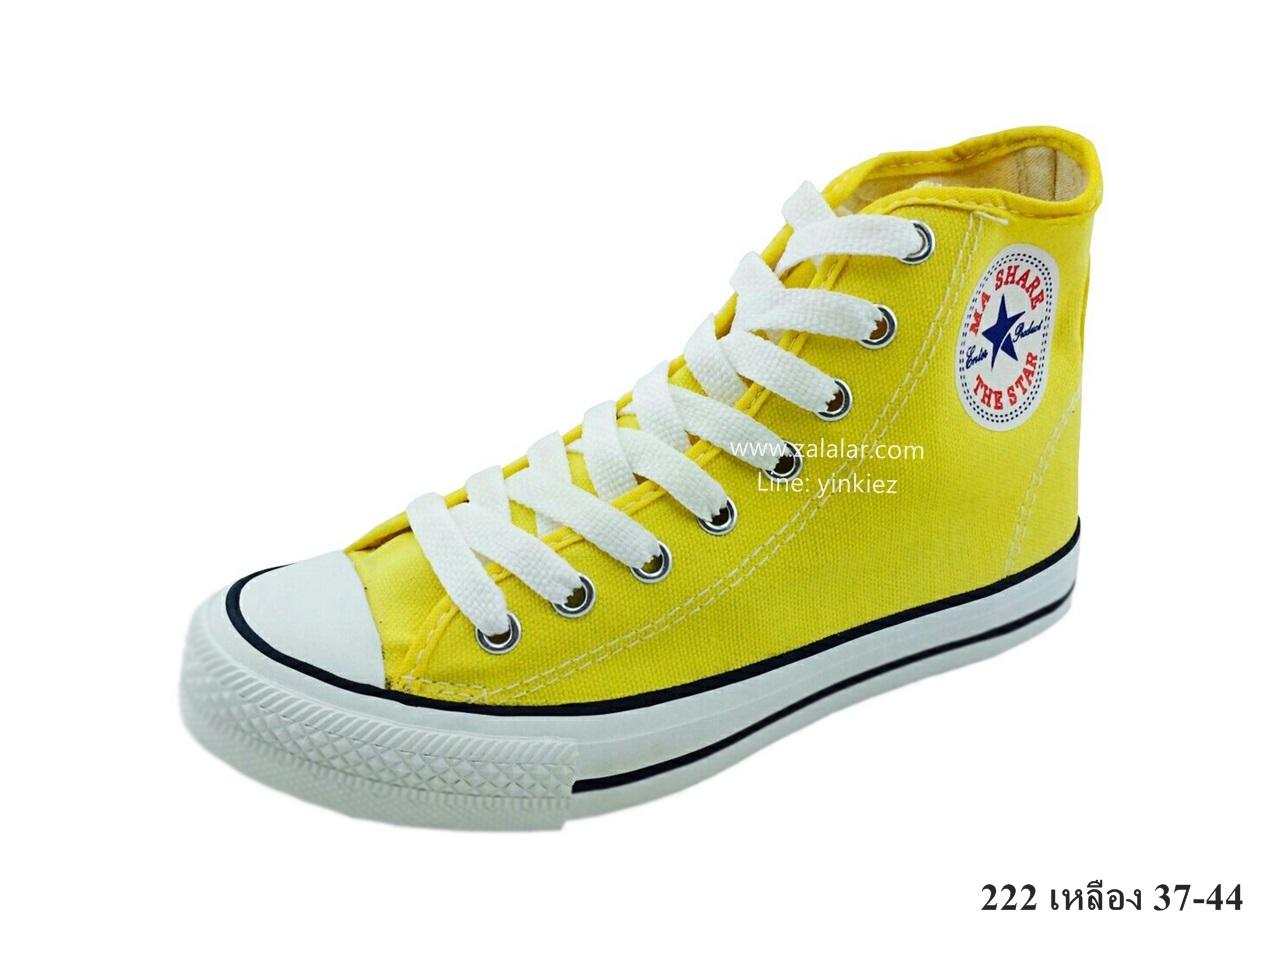 [พร้อมส่ง] รองเท้าผ้าใบแฟชั่น รุ่น 222 สีเหลือง ทรงหุ้มข้อ